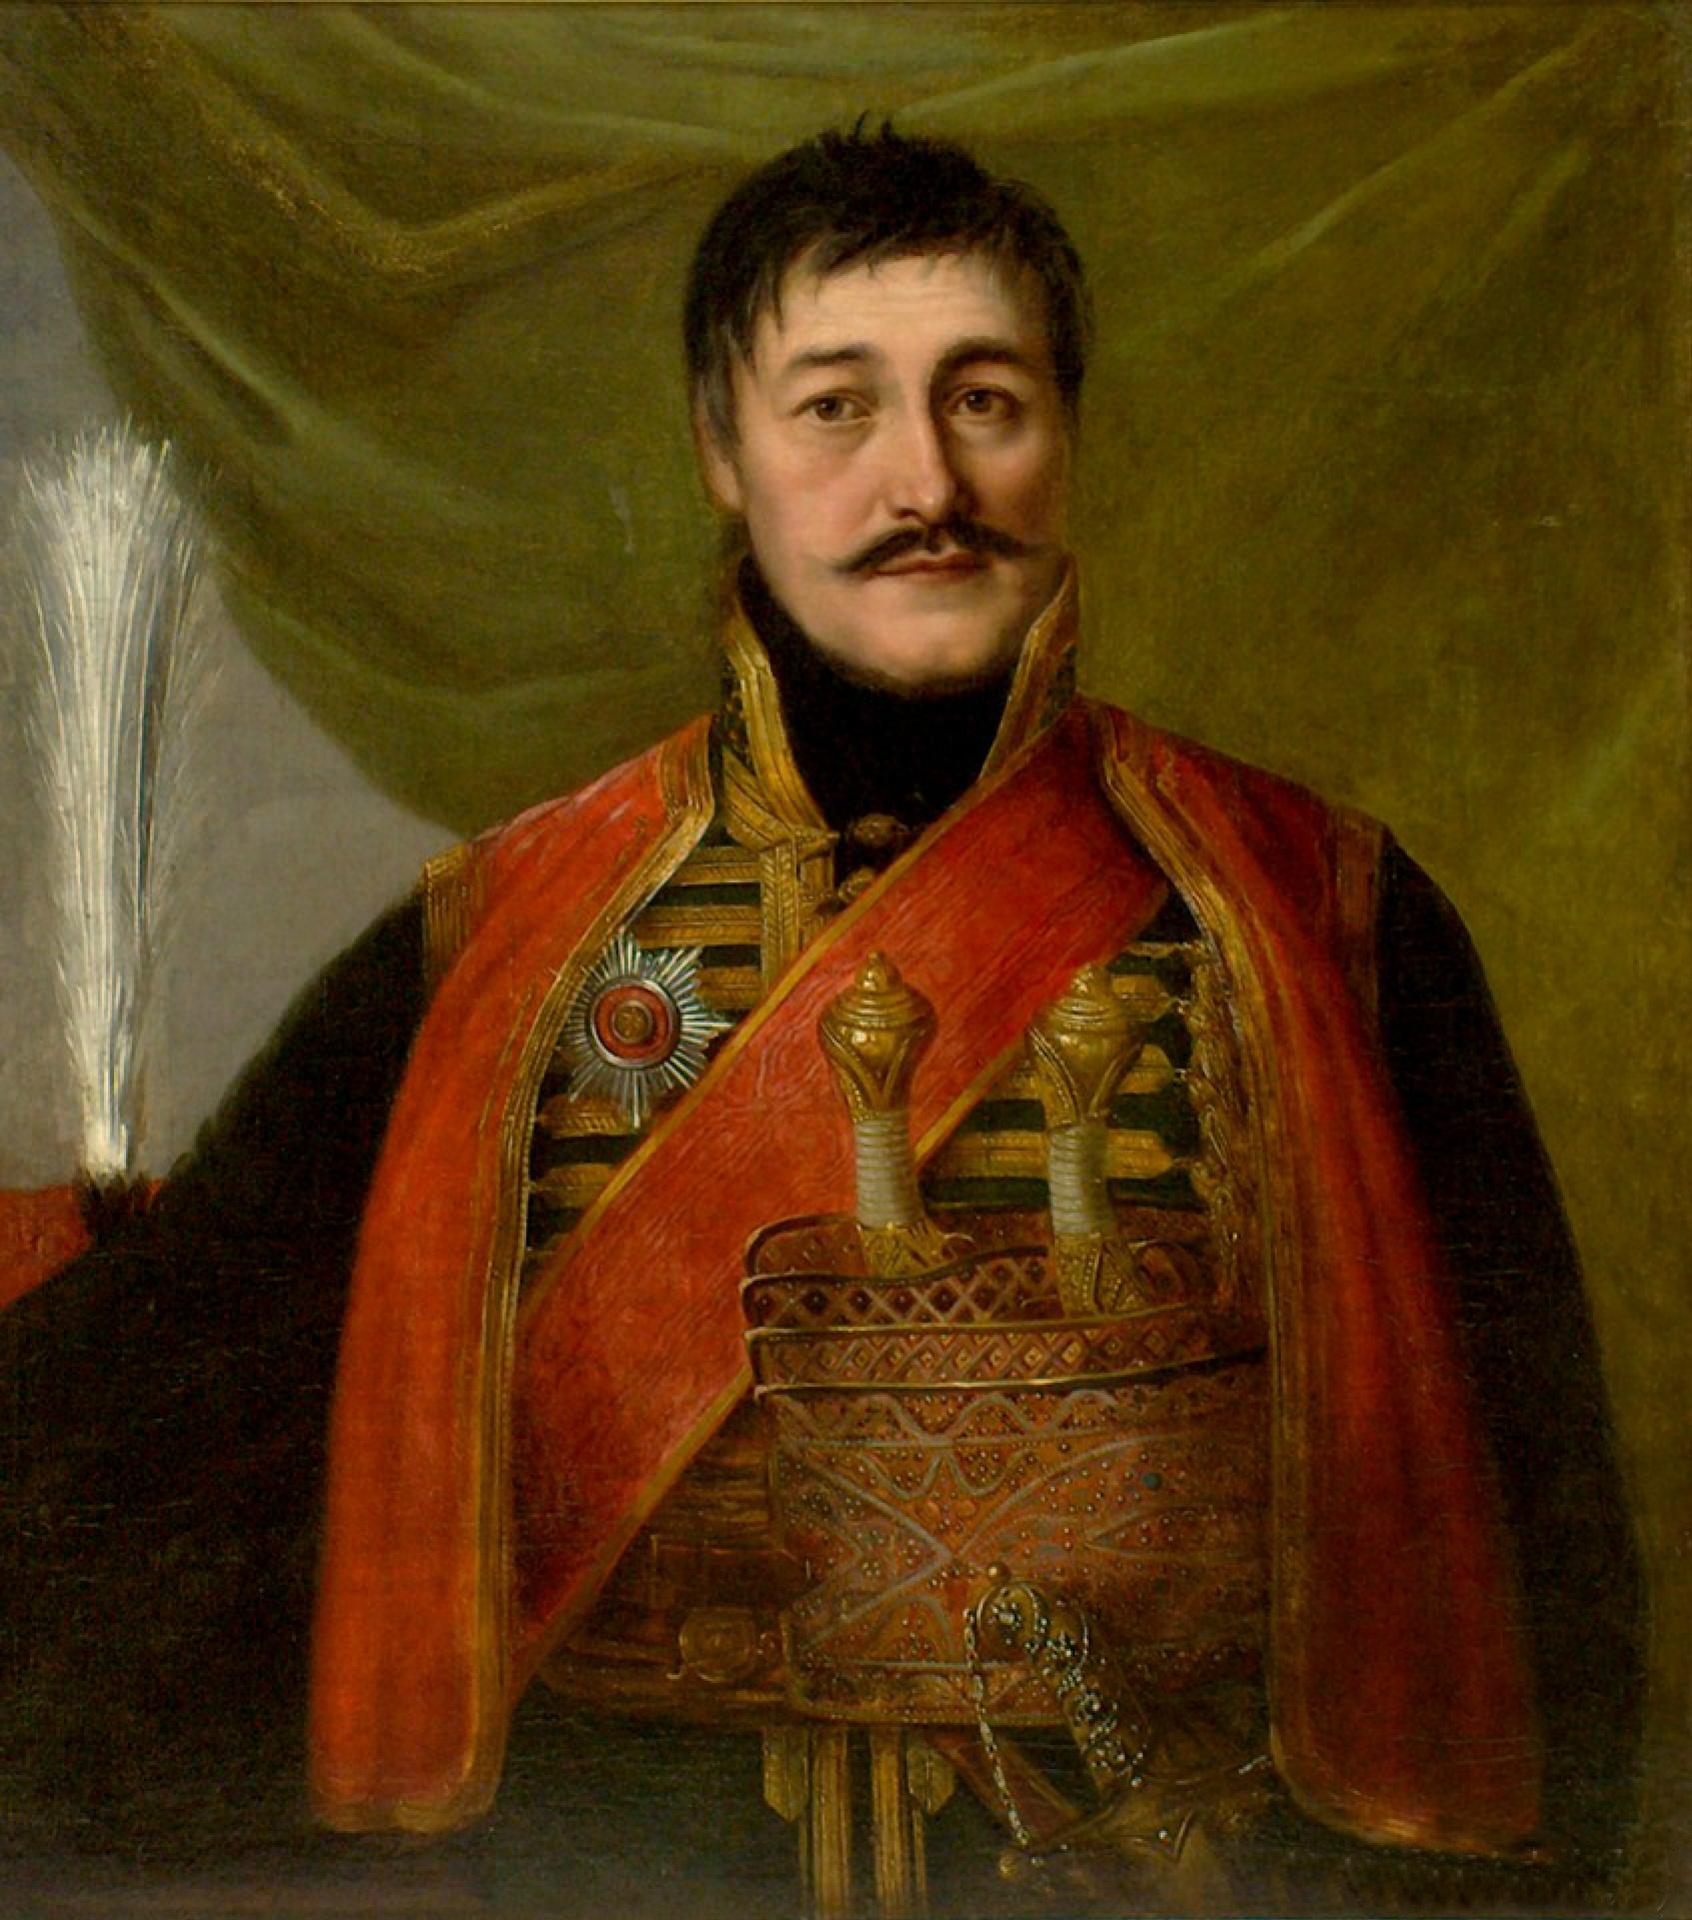 Владимир Боровиковский, 1816 год, картина «Портрет Карагеоргия».